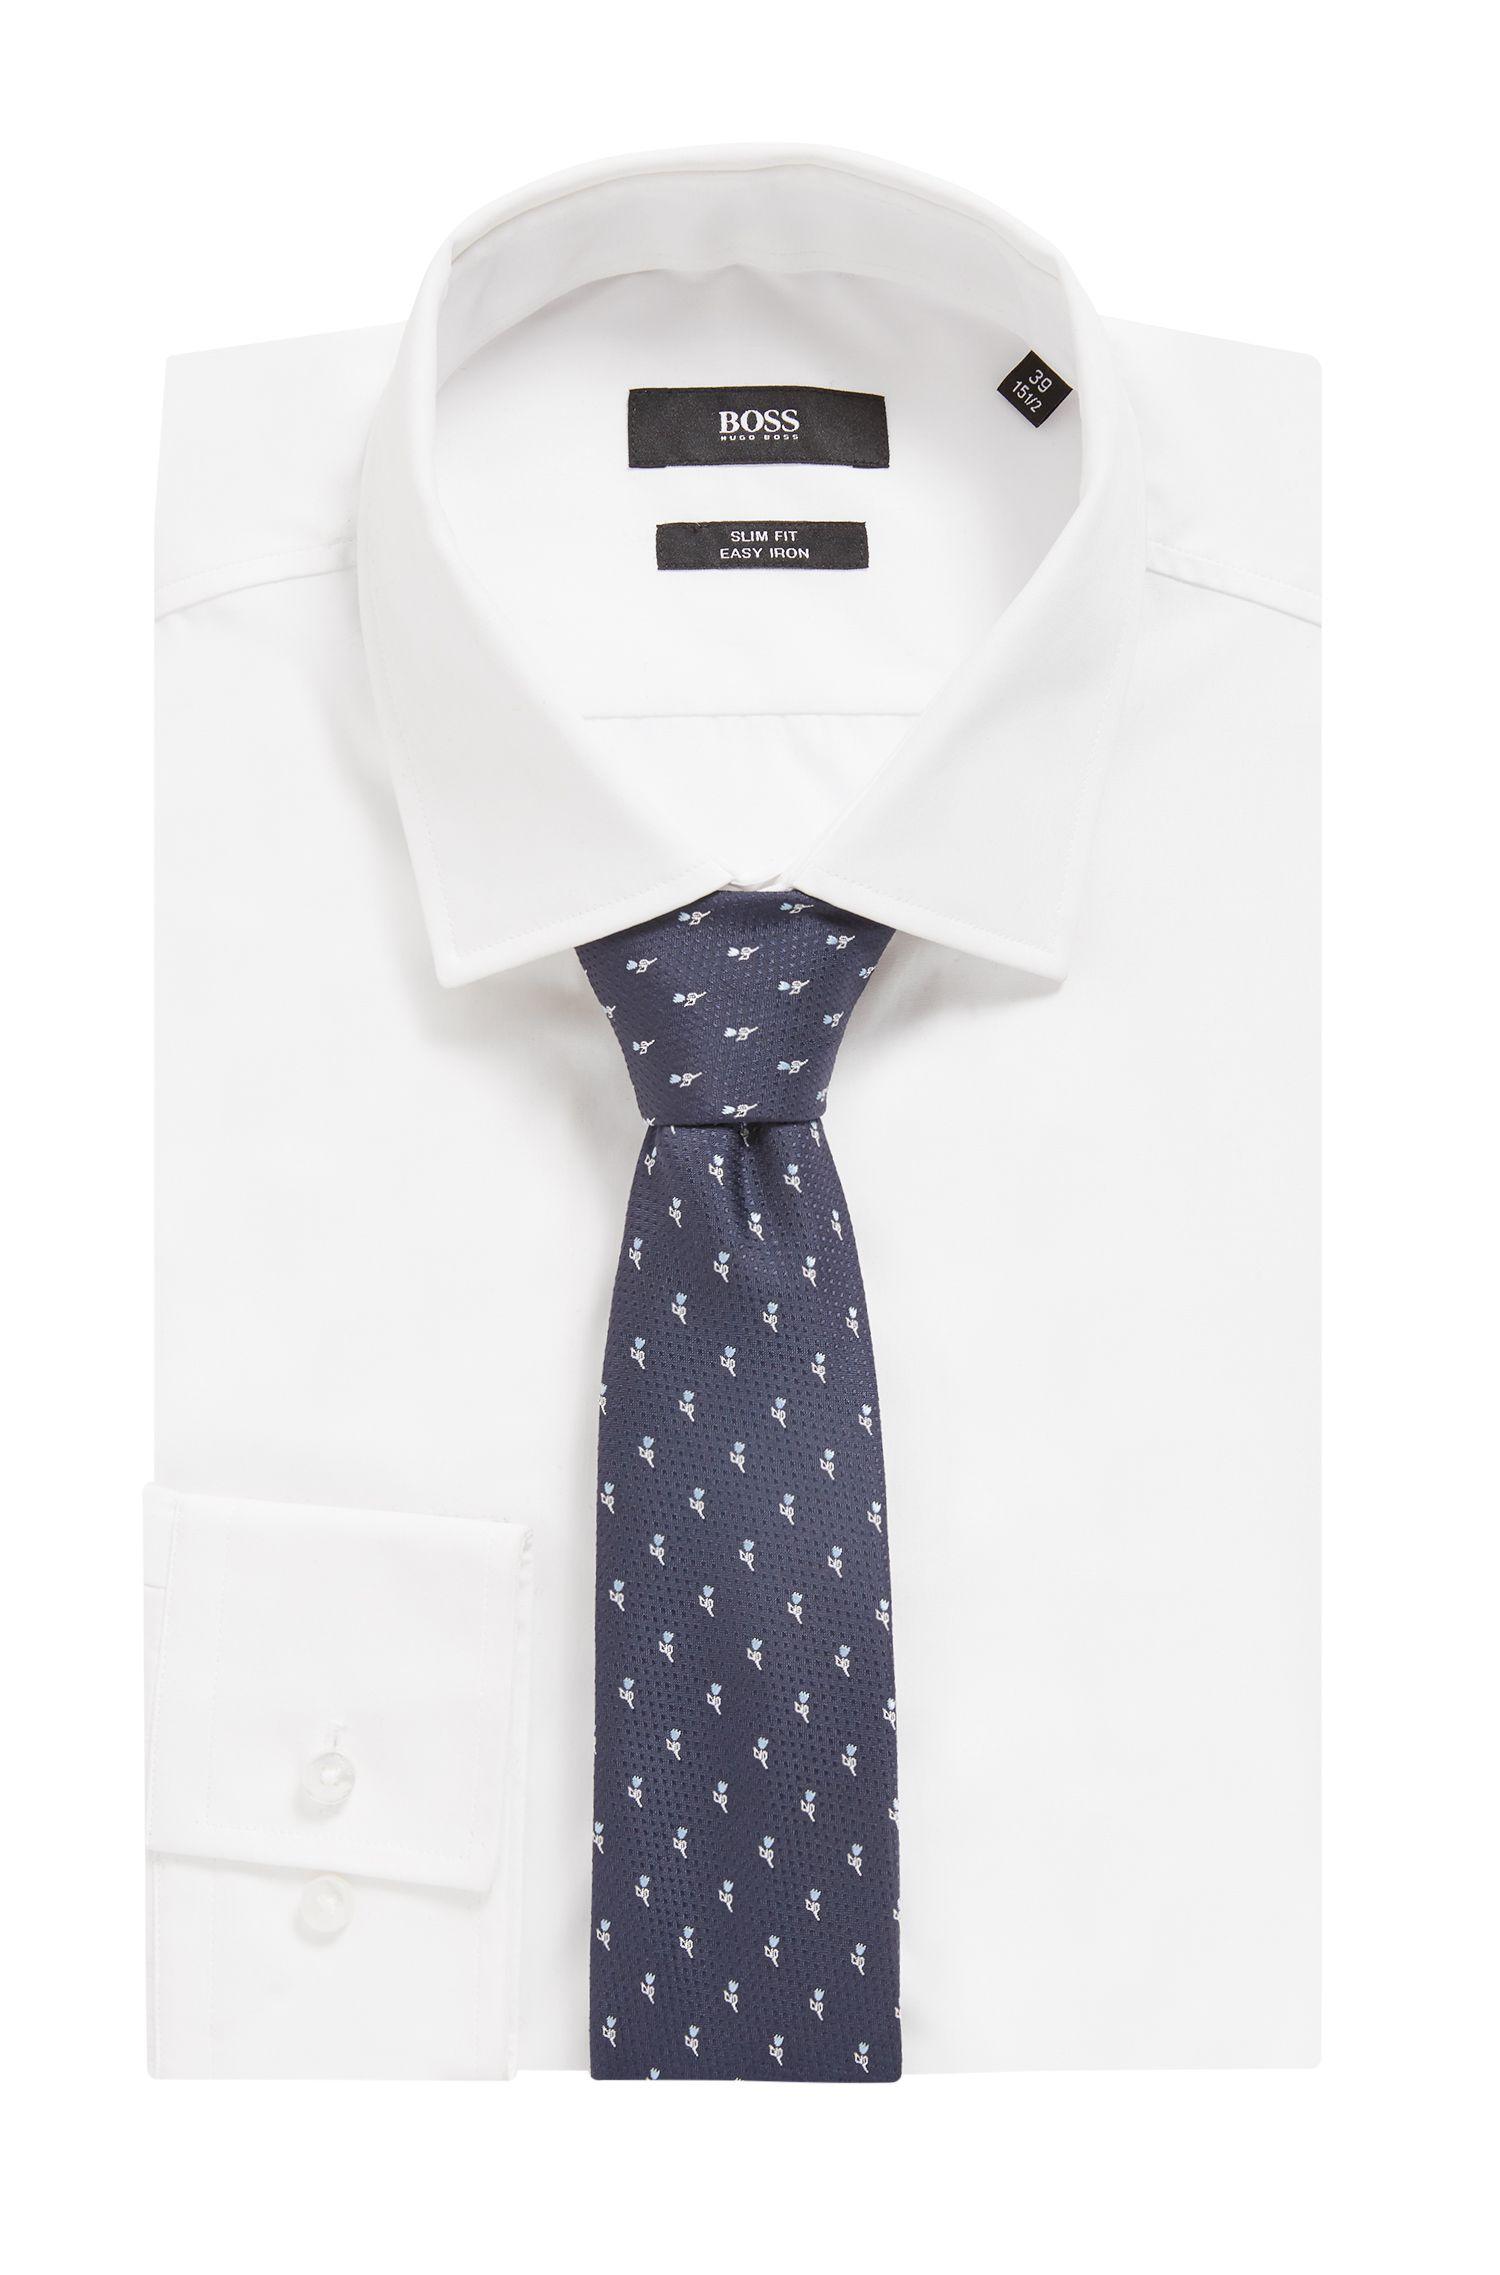 Cravate en soie imperméable de la collection Travel Line, avec motif jacquard à fleurs